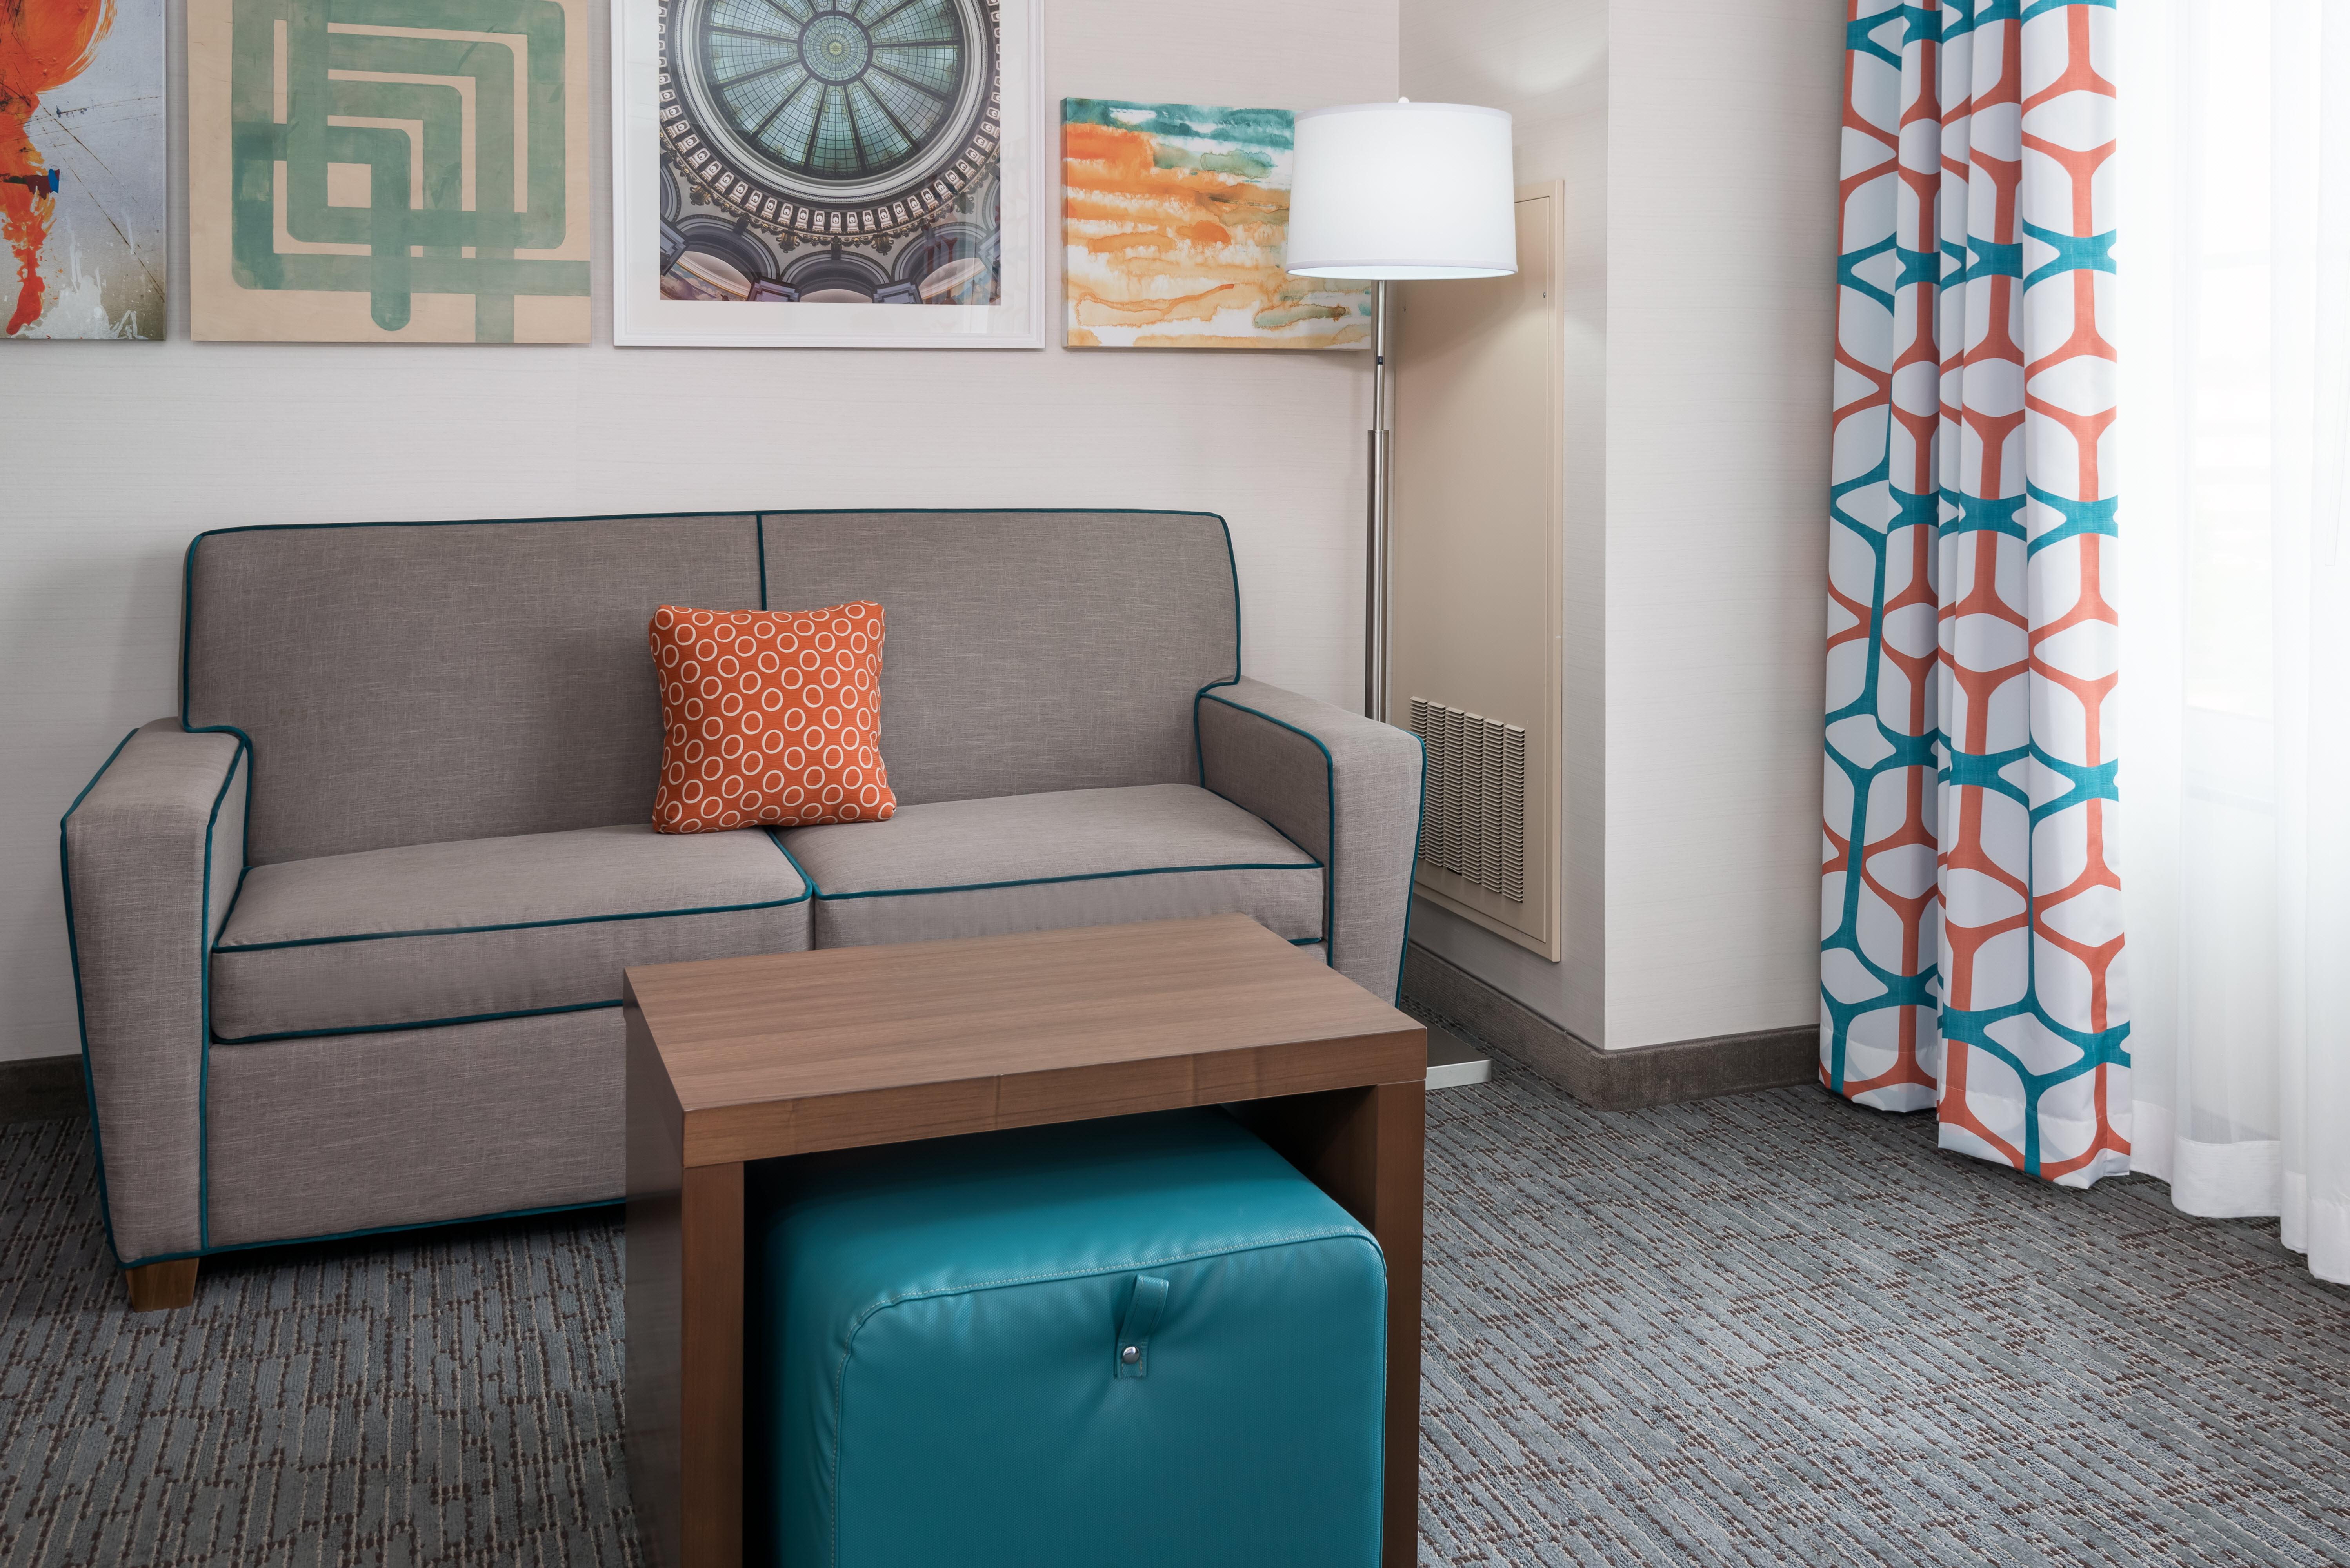 Homewood Suites by Hilton Cleveland-Beachwood image 8